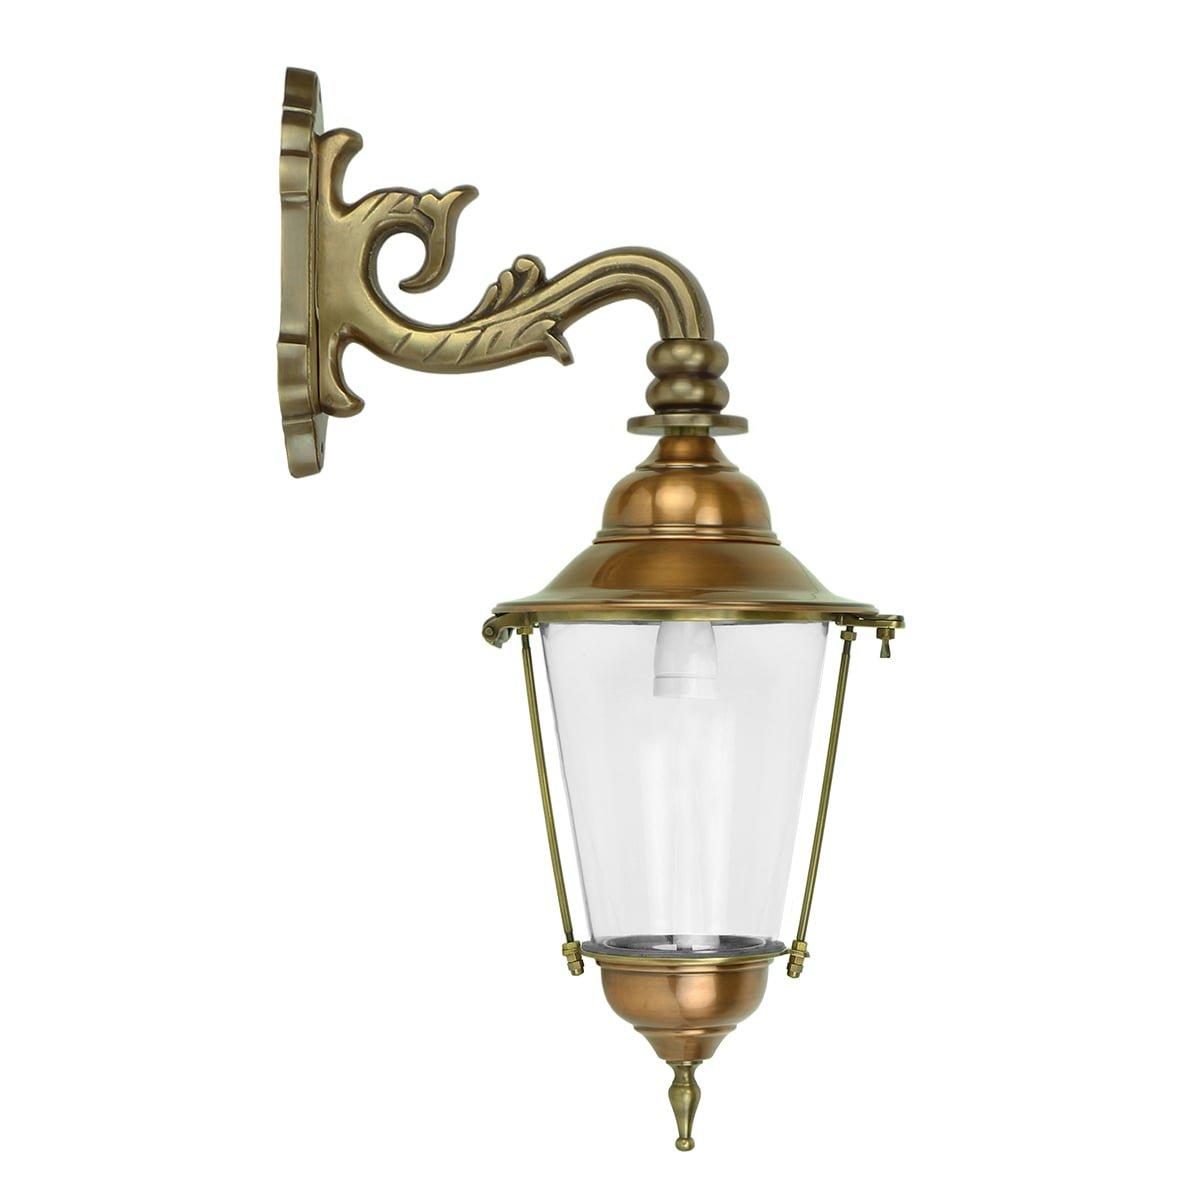 Außenbeleuchtung Klassisch Ländlich Laterne leuchten außen Bourtange - 55 cm